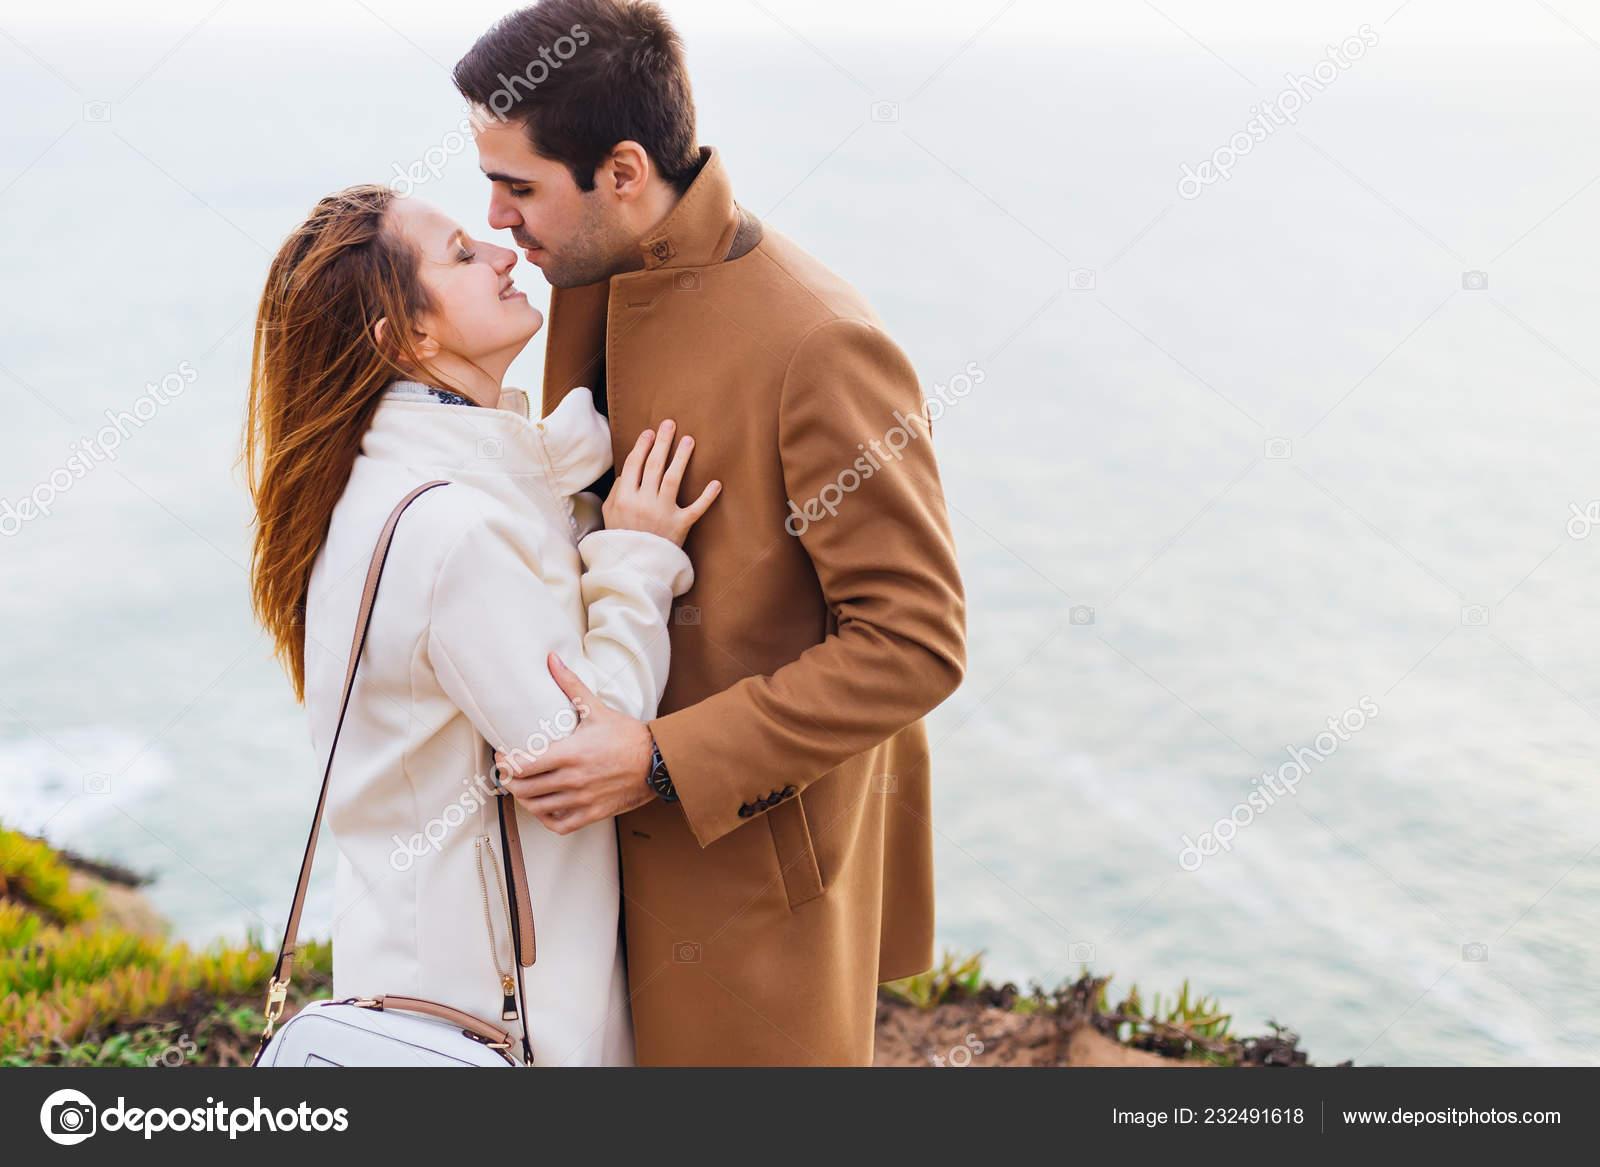 Пары обнявшись стоят и целуются, шлюхи поебушки порнуха